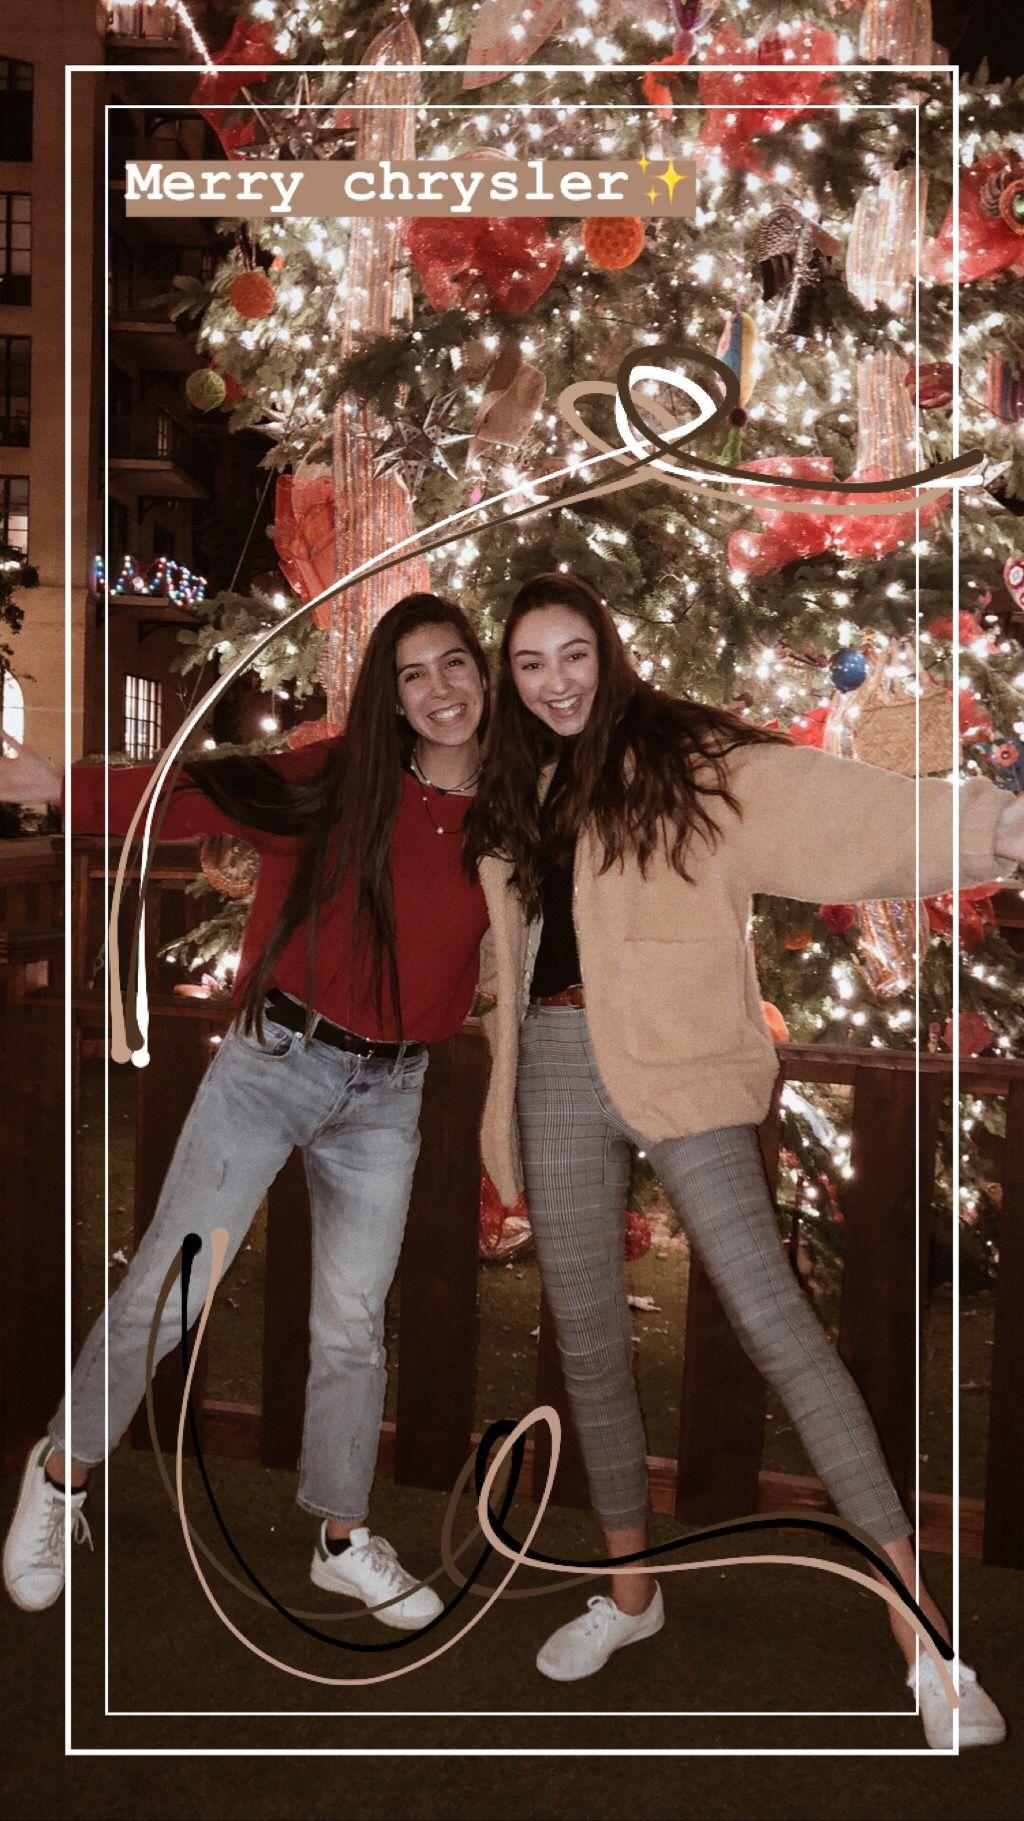 Insta Bellywellyshelley Instastory Bestfriends Christmas